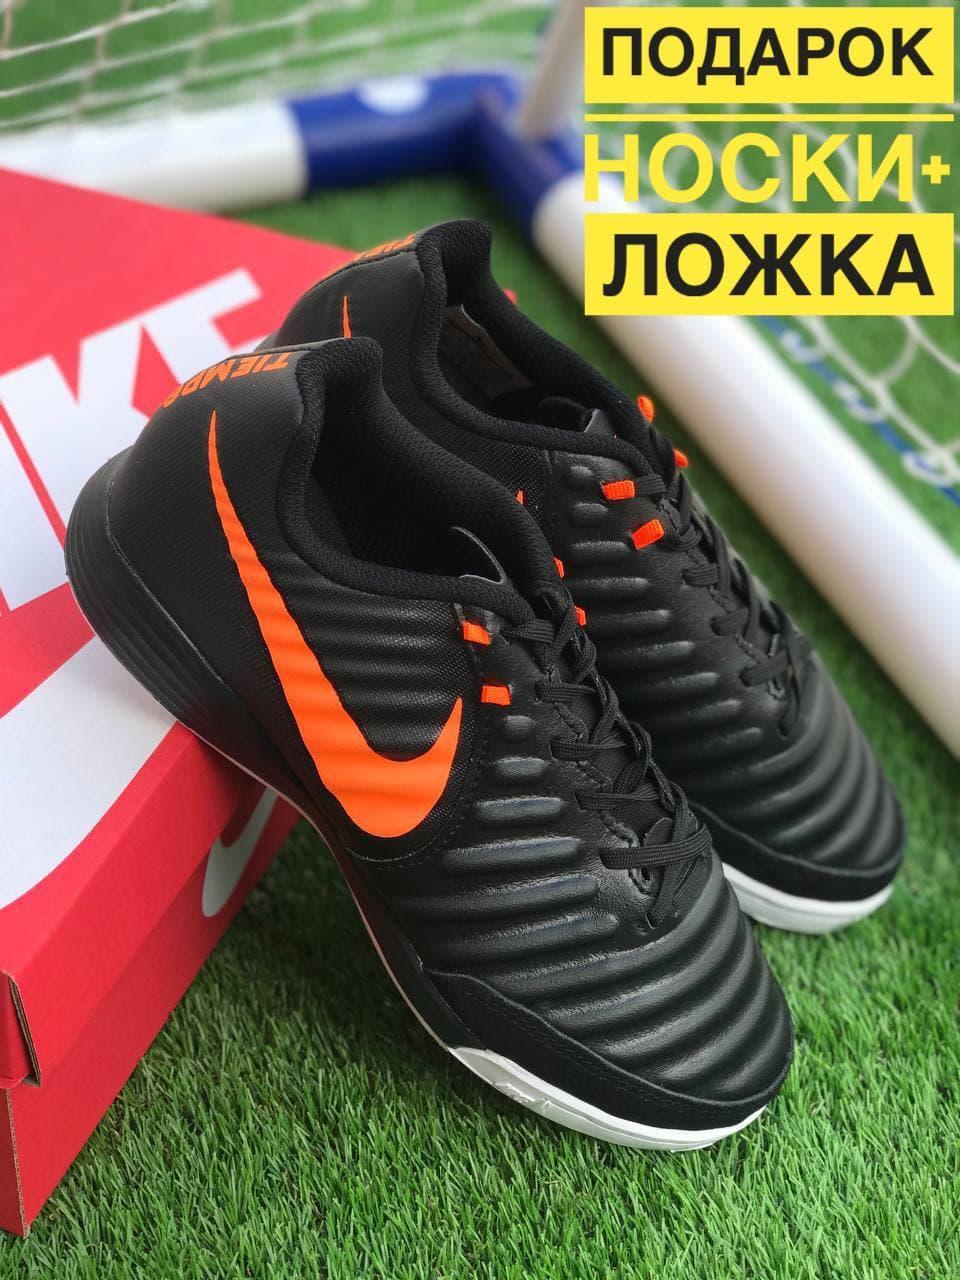 Футбольні Футзалки Nike Tiempo бампы найк темпо футбольна взуття для спорту